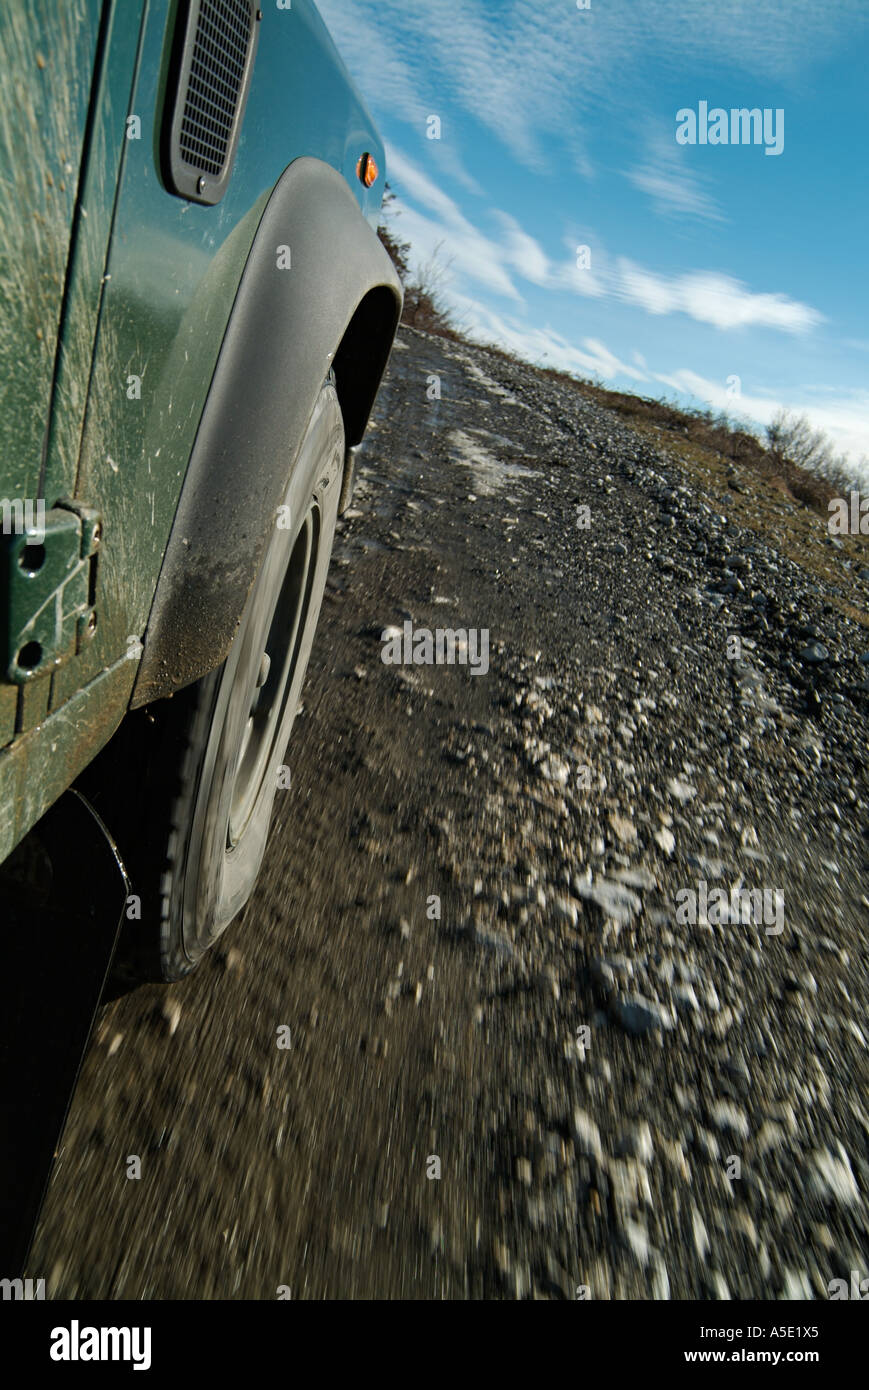 Geländewagen fahren über einen Feldweg Stockbild